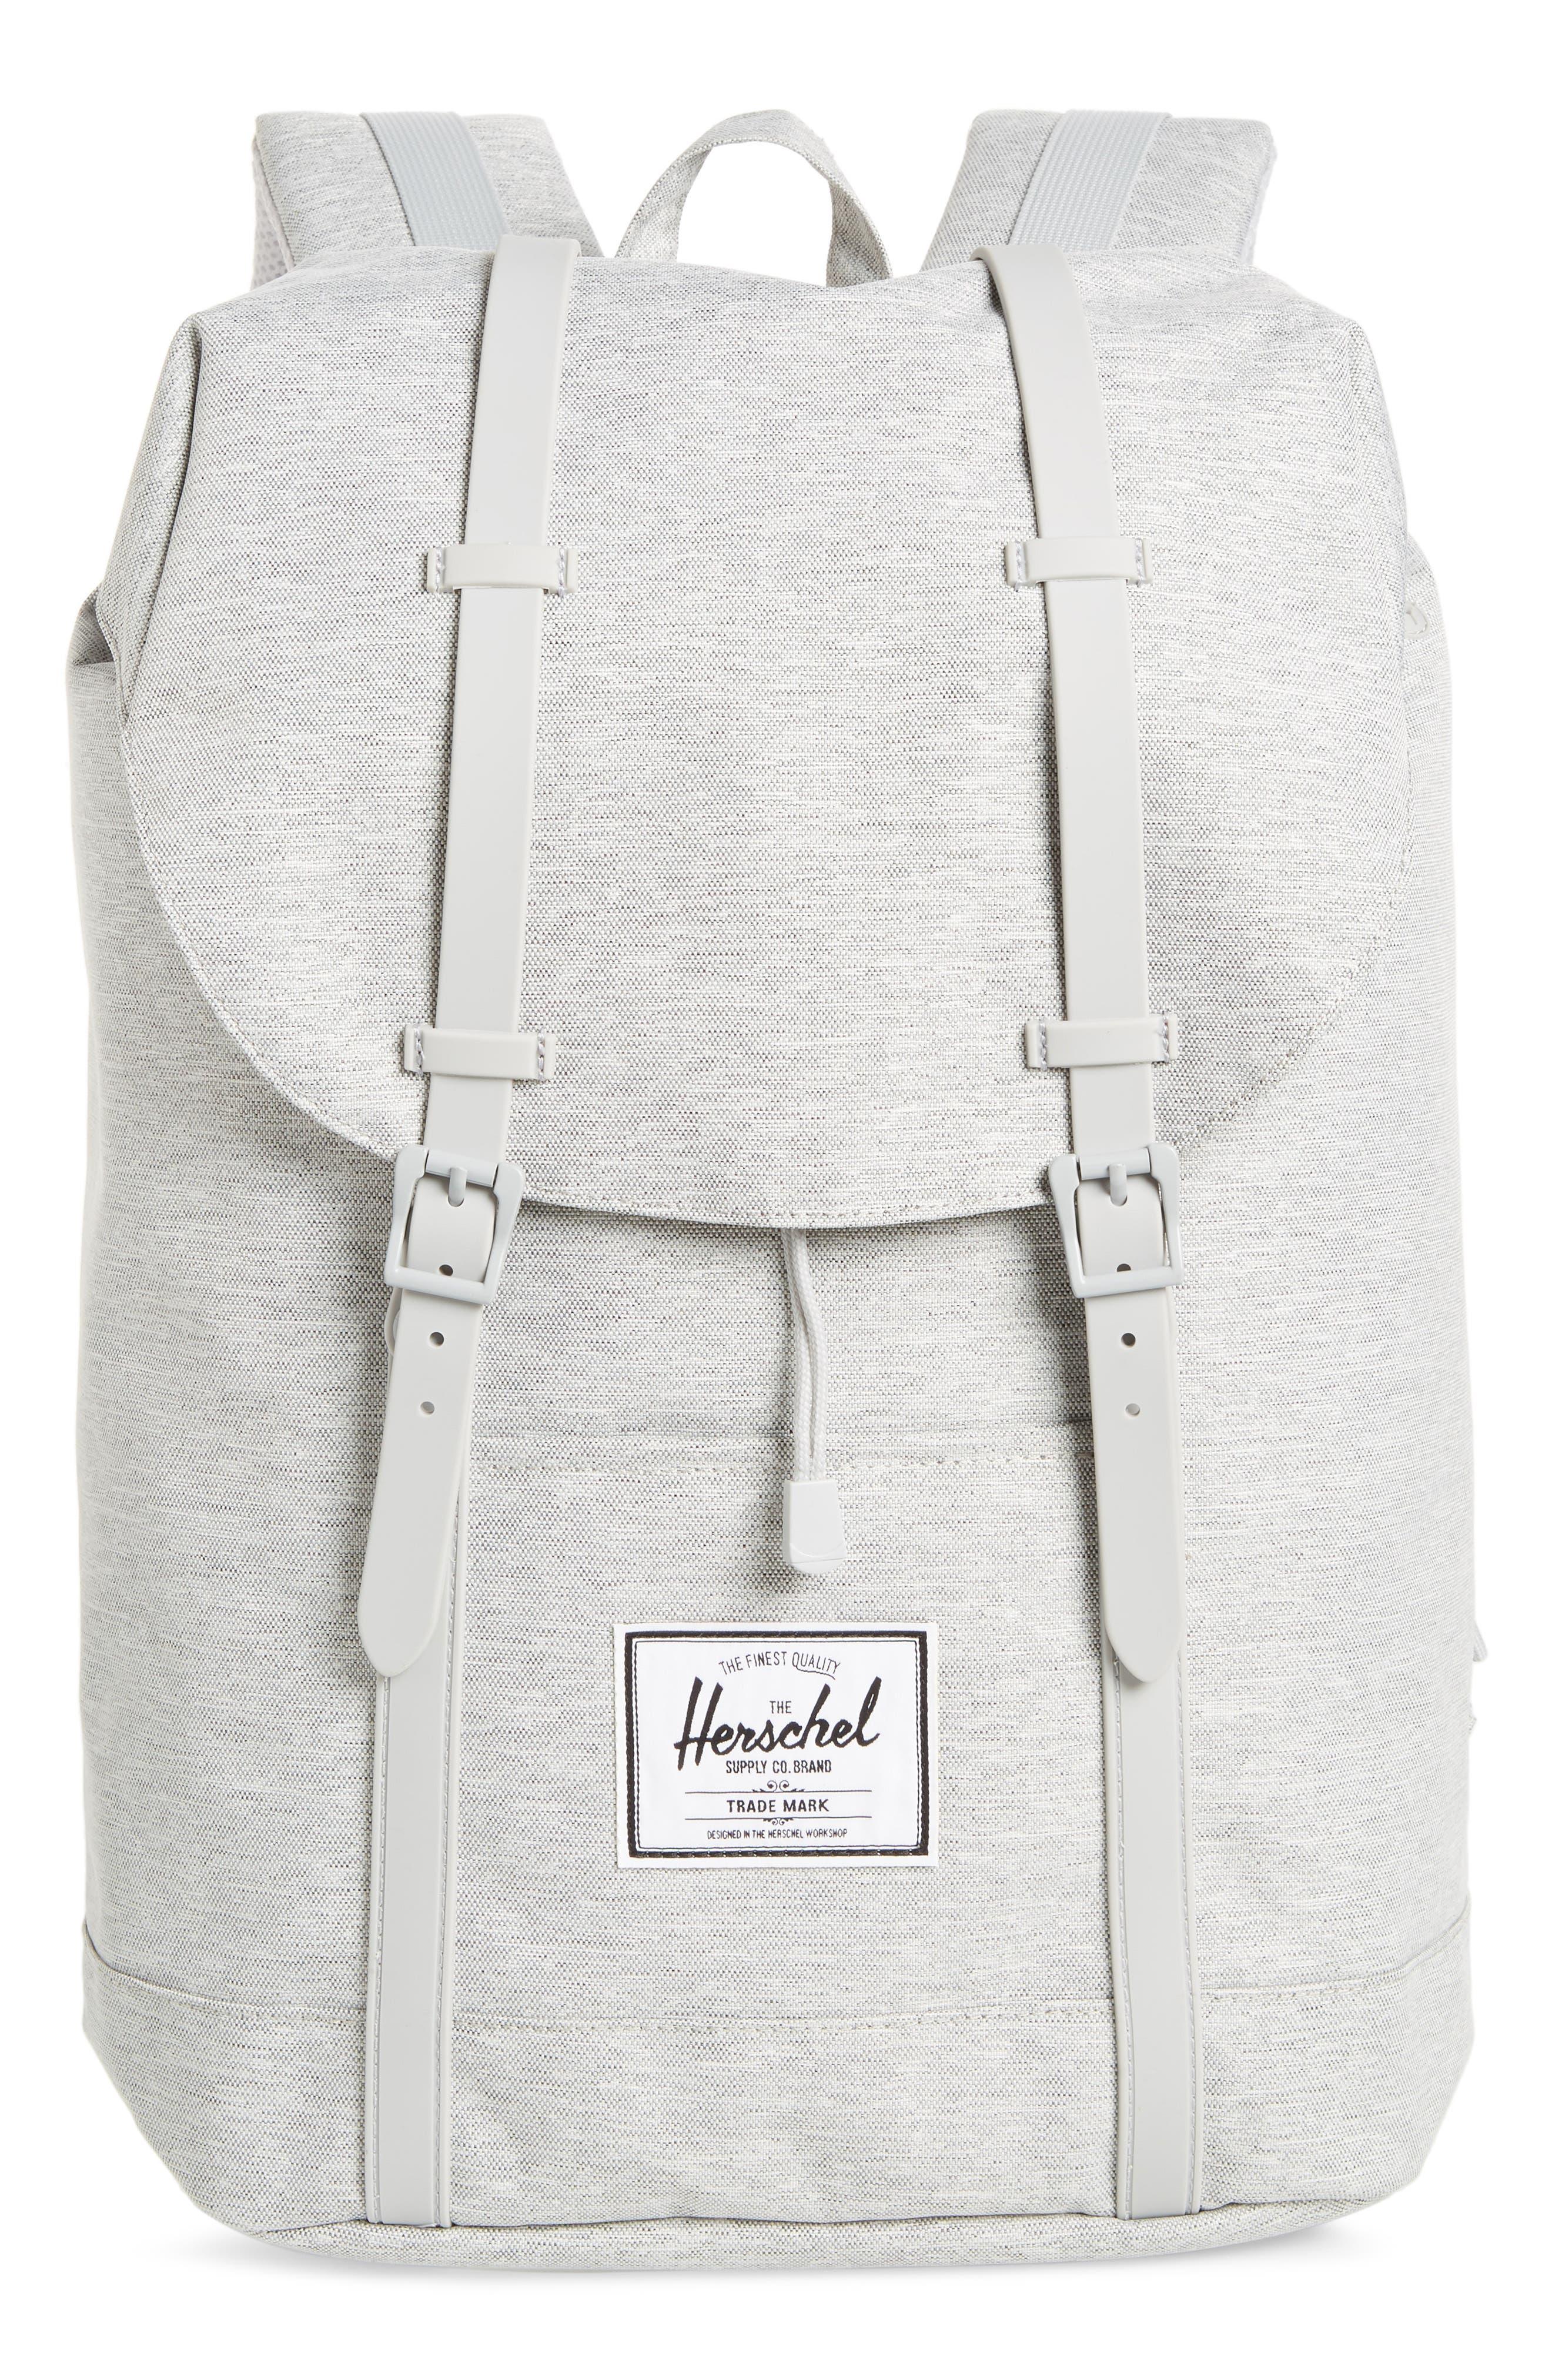 HERSCHEL SUPPLY CO. Retreat Backpack, Main, color, LIGHT GREY CROSSHATCH/ GREY